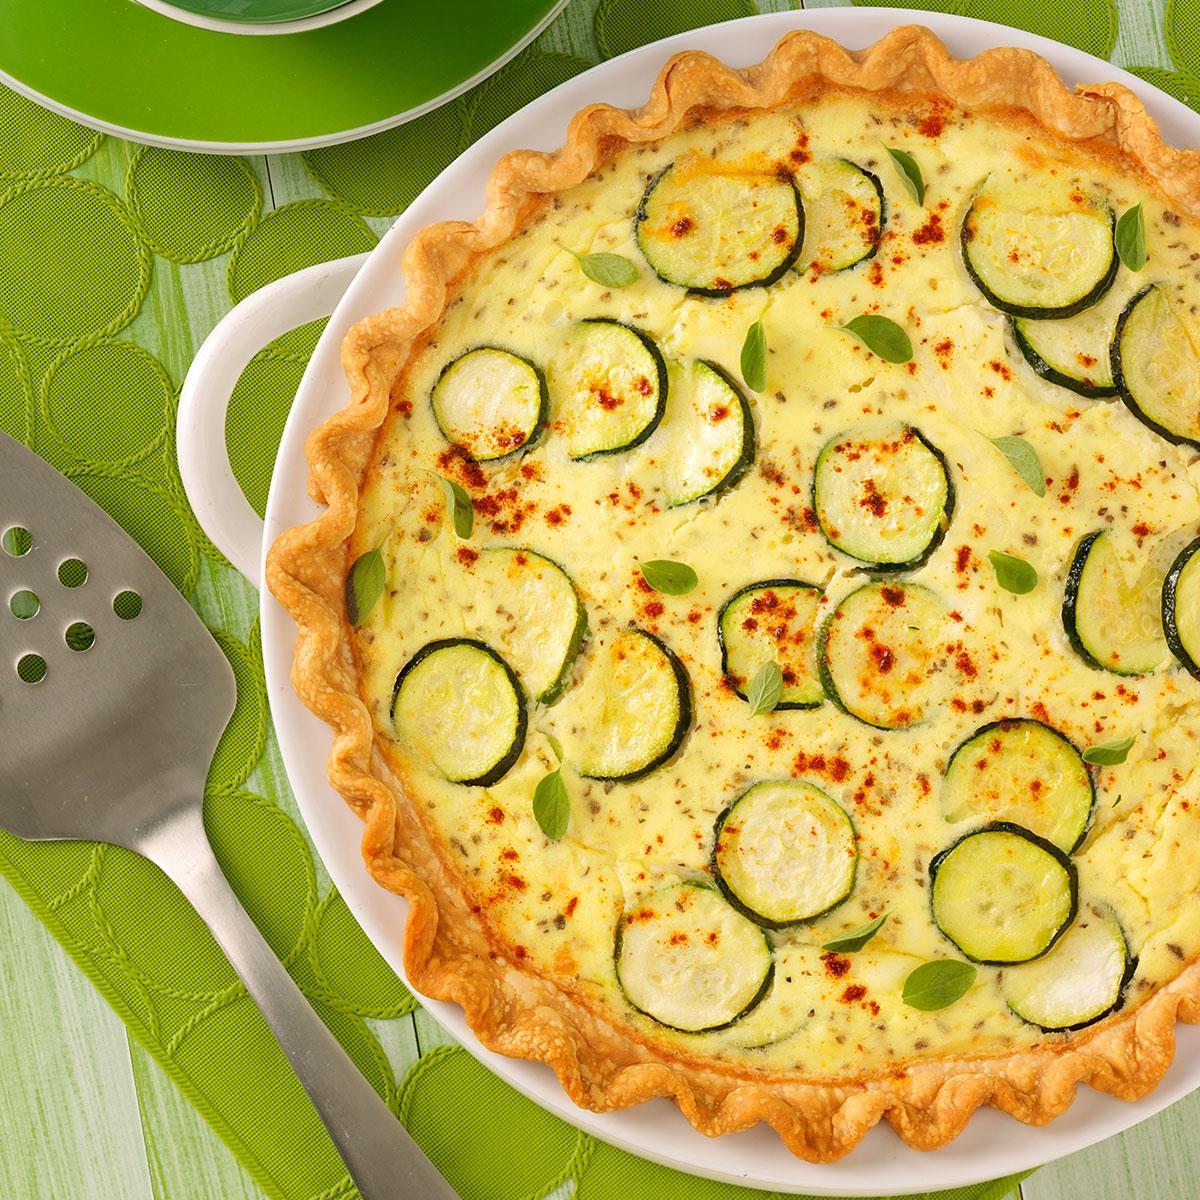 zucchini quiche recipe taste of home